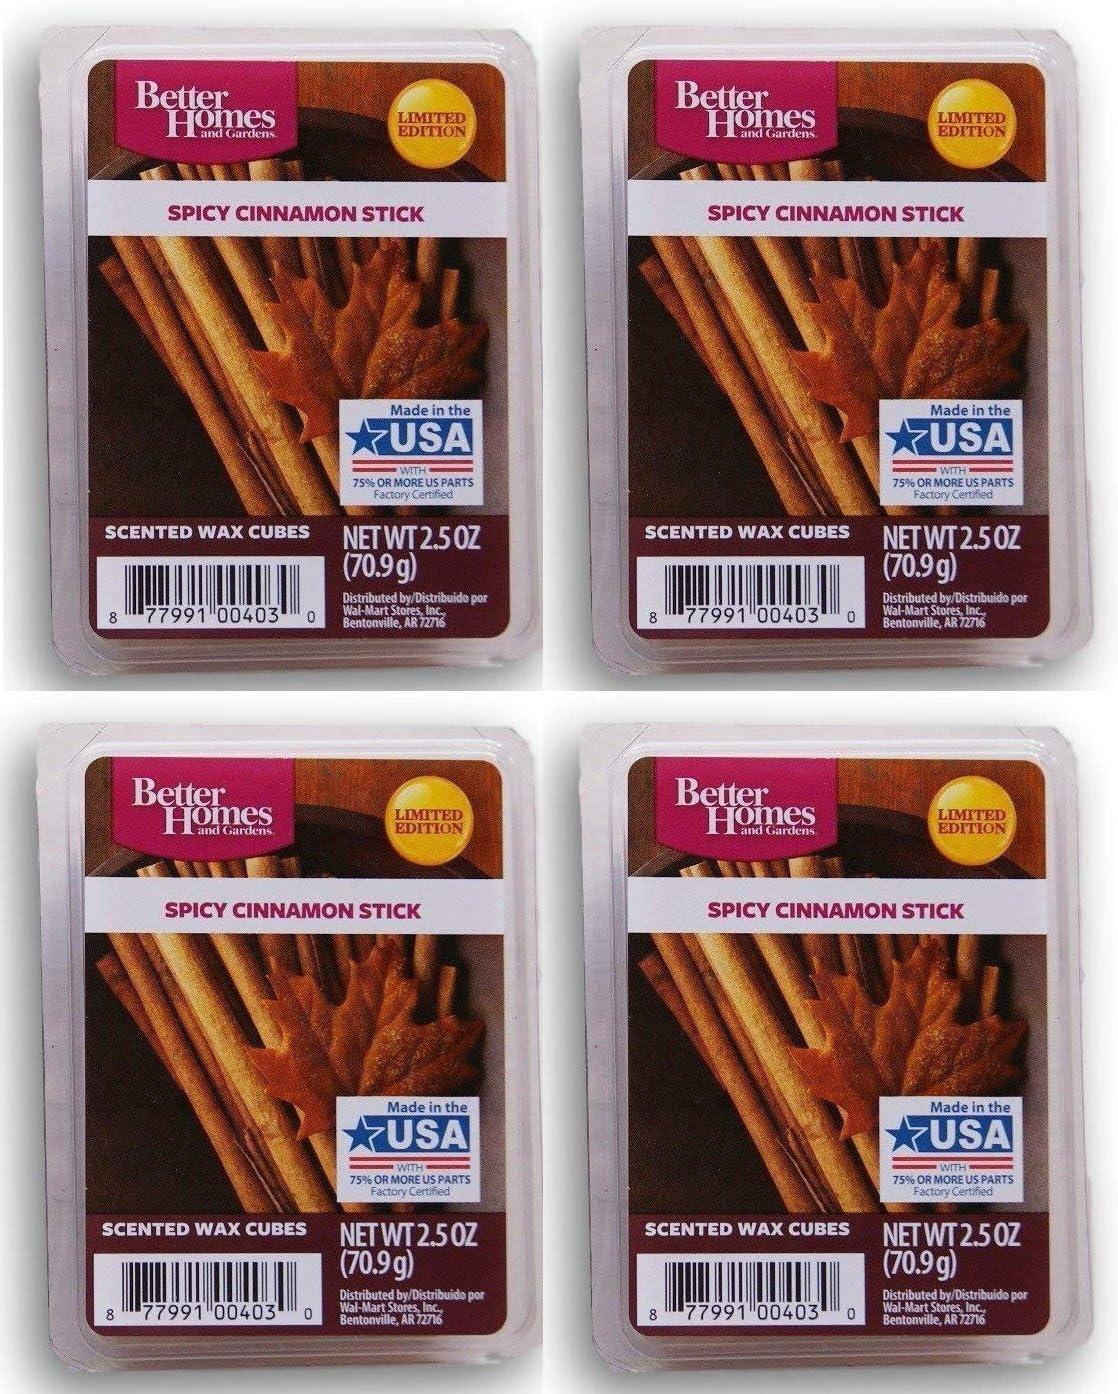 Country Bumpkin wax melt teacher gift Clove wax melt home sweet home scent 3 Spice Scented Sample Pack Cinnamon wax melt gift pack